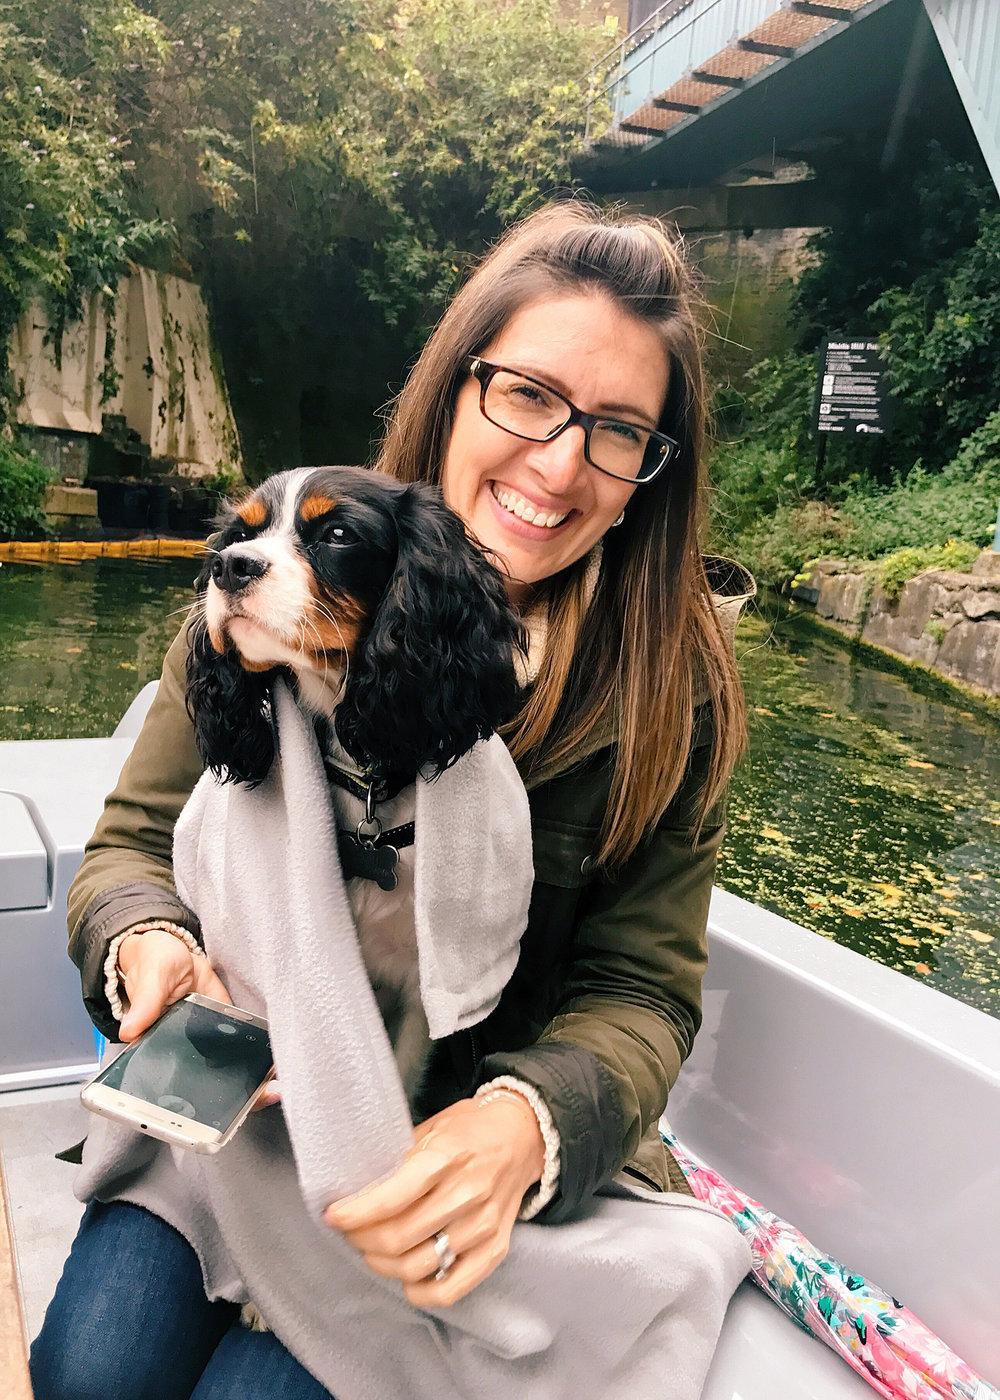 honeyidressedthepug-dogblog-dogfriendlyblog-thingstodowithyourdog-boatingwithdog-dogfashionblog-petfashionblog-goboatlondon-petblogger-humanandhound-fashionandlifestyle-londonpetblogger-topdogblog-puglife-pugonaboat-boatingwithdog-londoncanals6.jpg